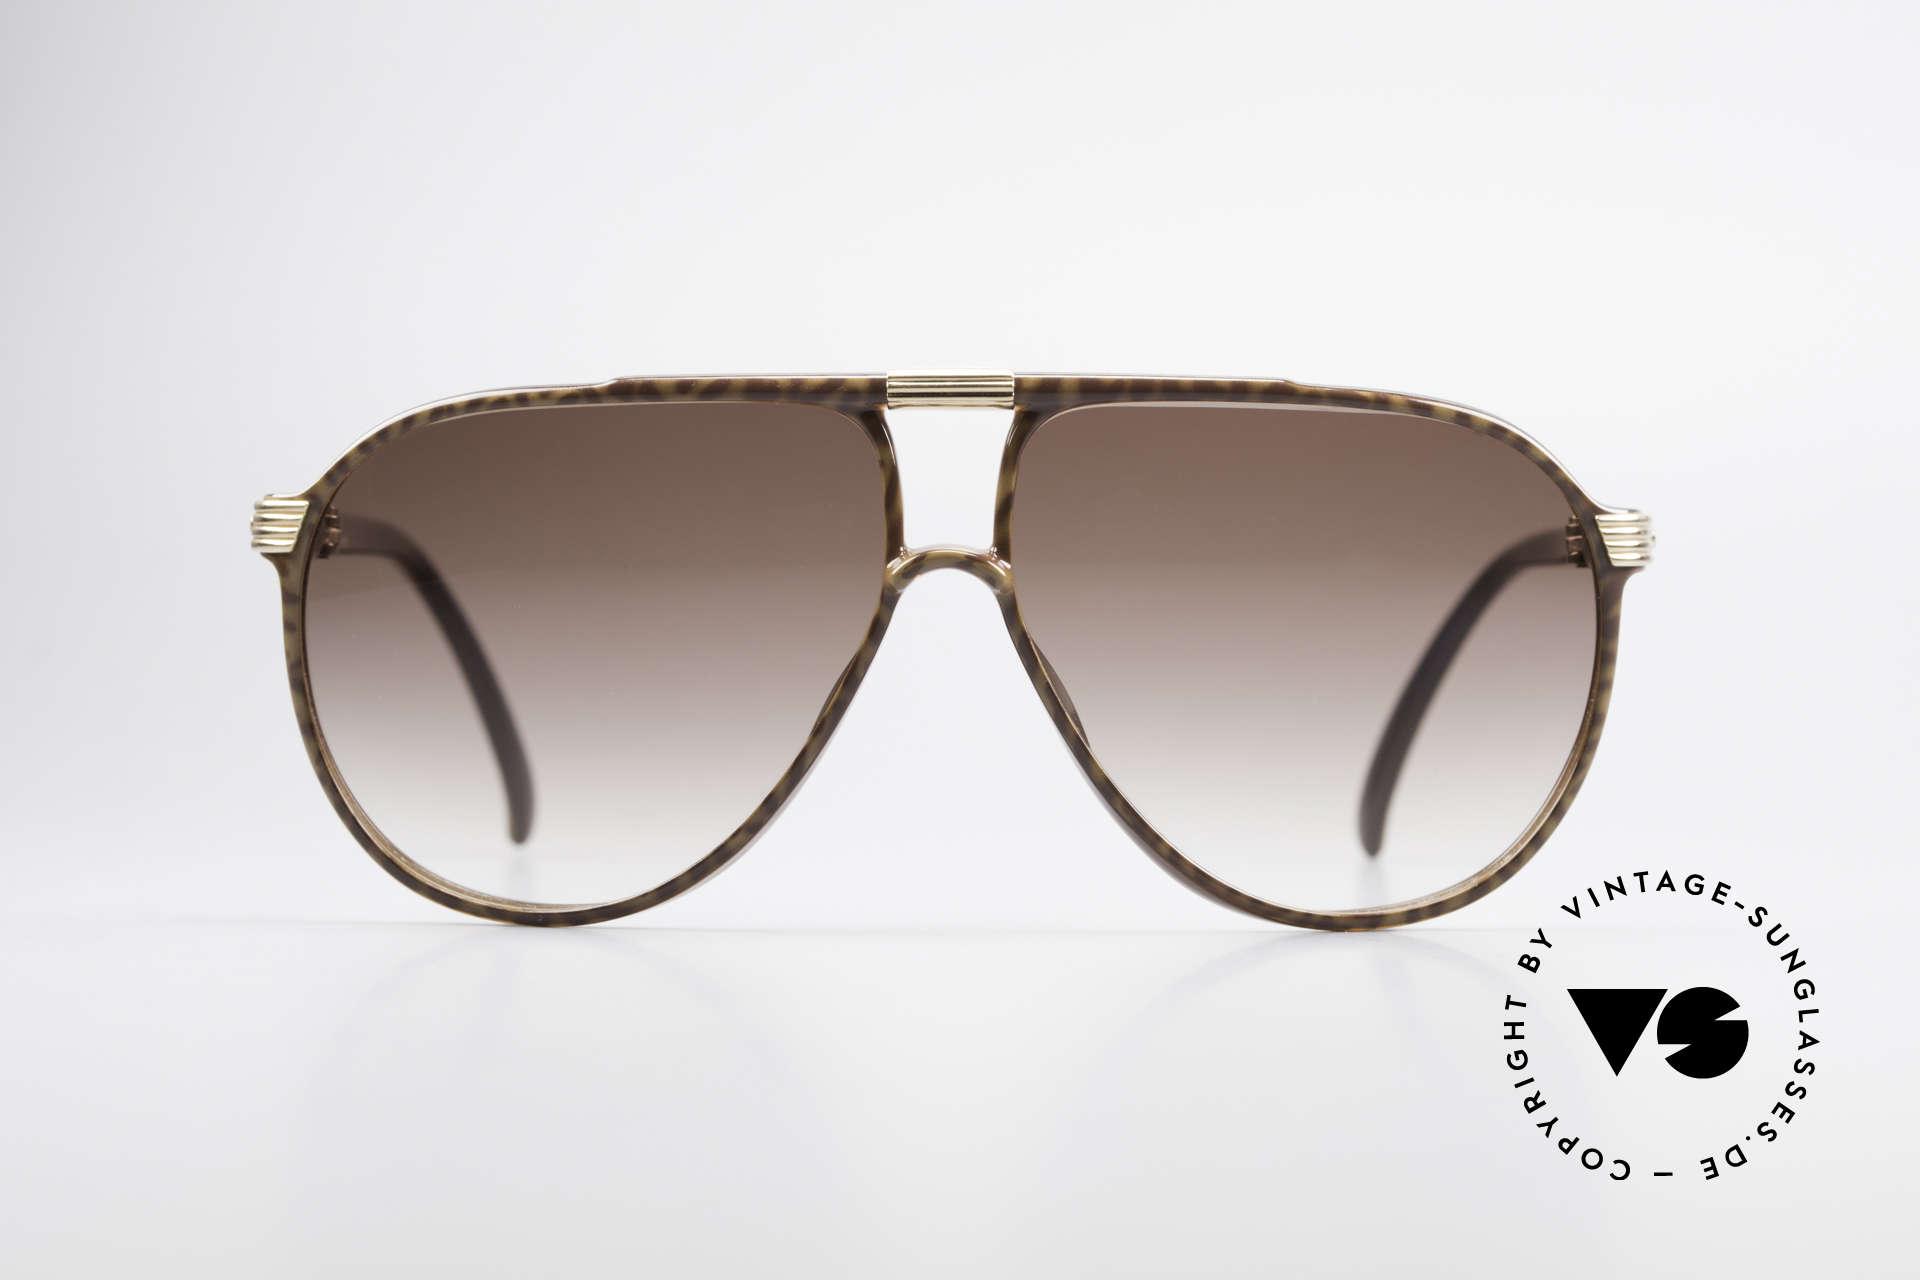 """Christian Dior 2300 80's Aviator Sunglasses, legendary """"tear drop"""" design or """"aviator shades"""", Made for Men"""